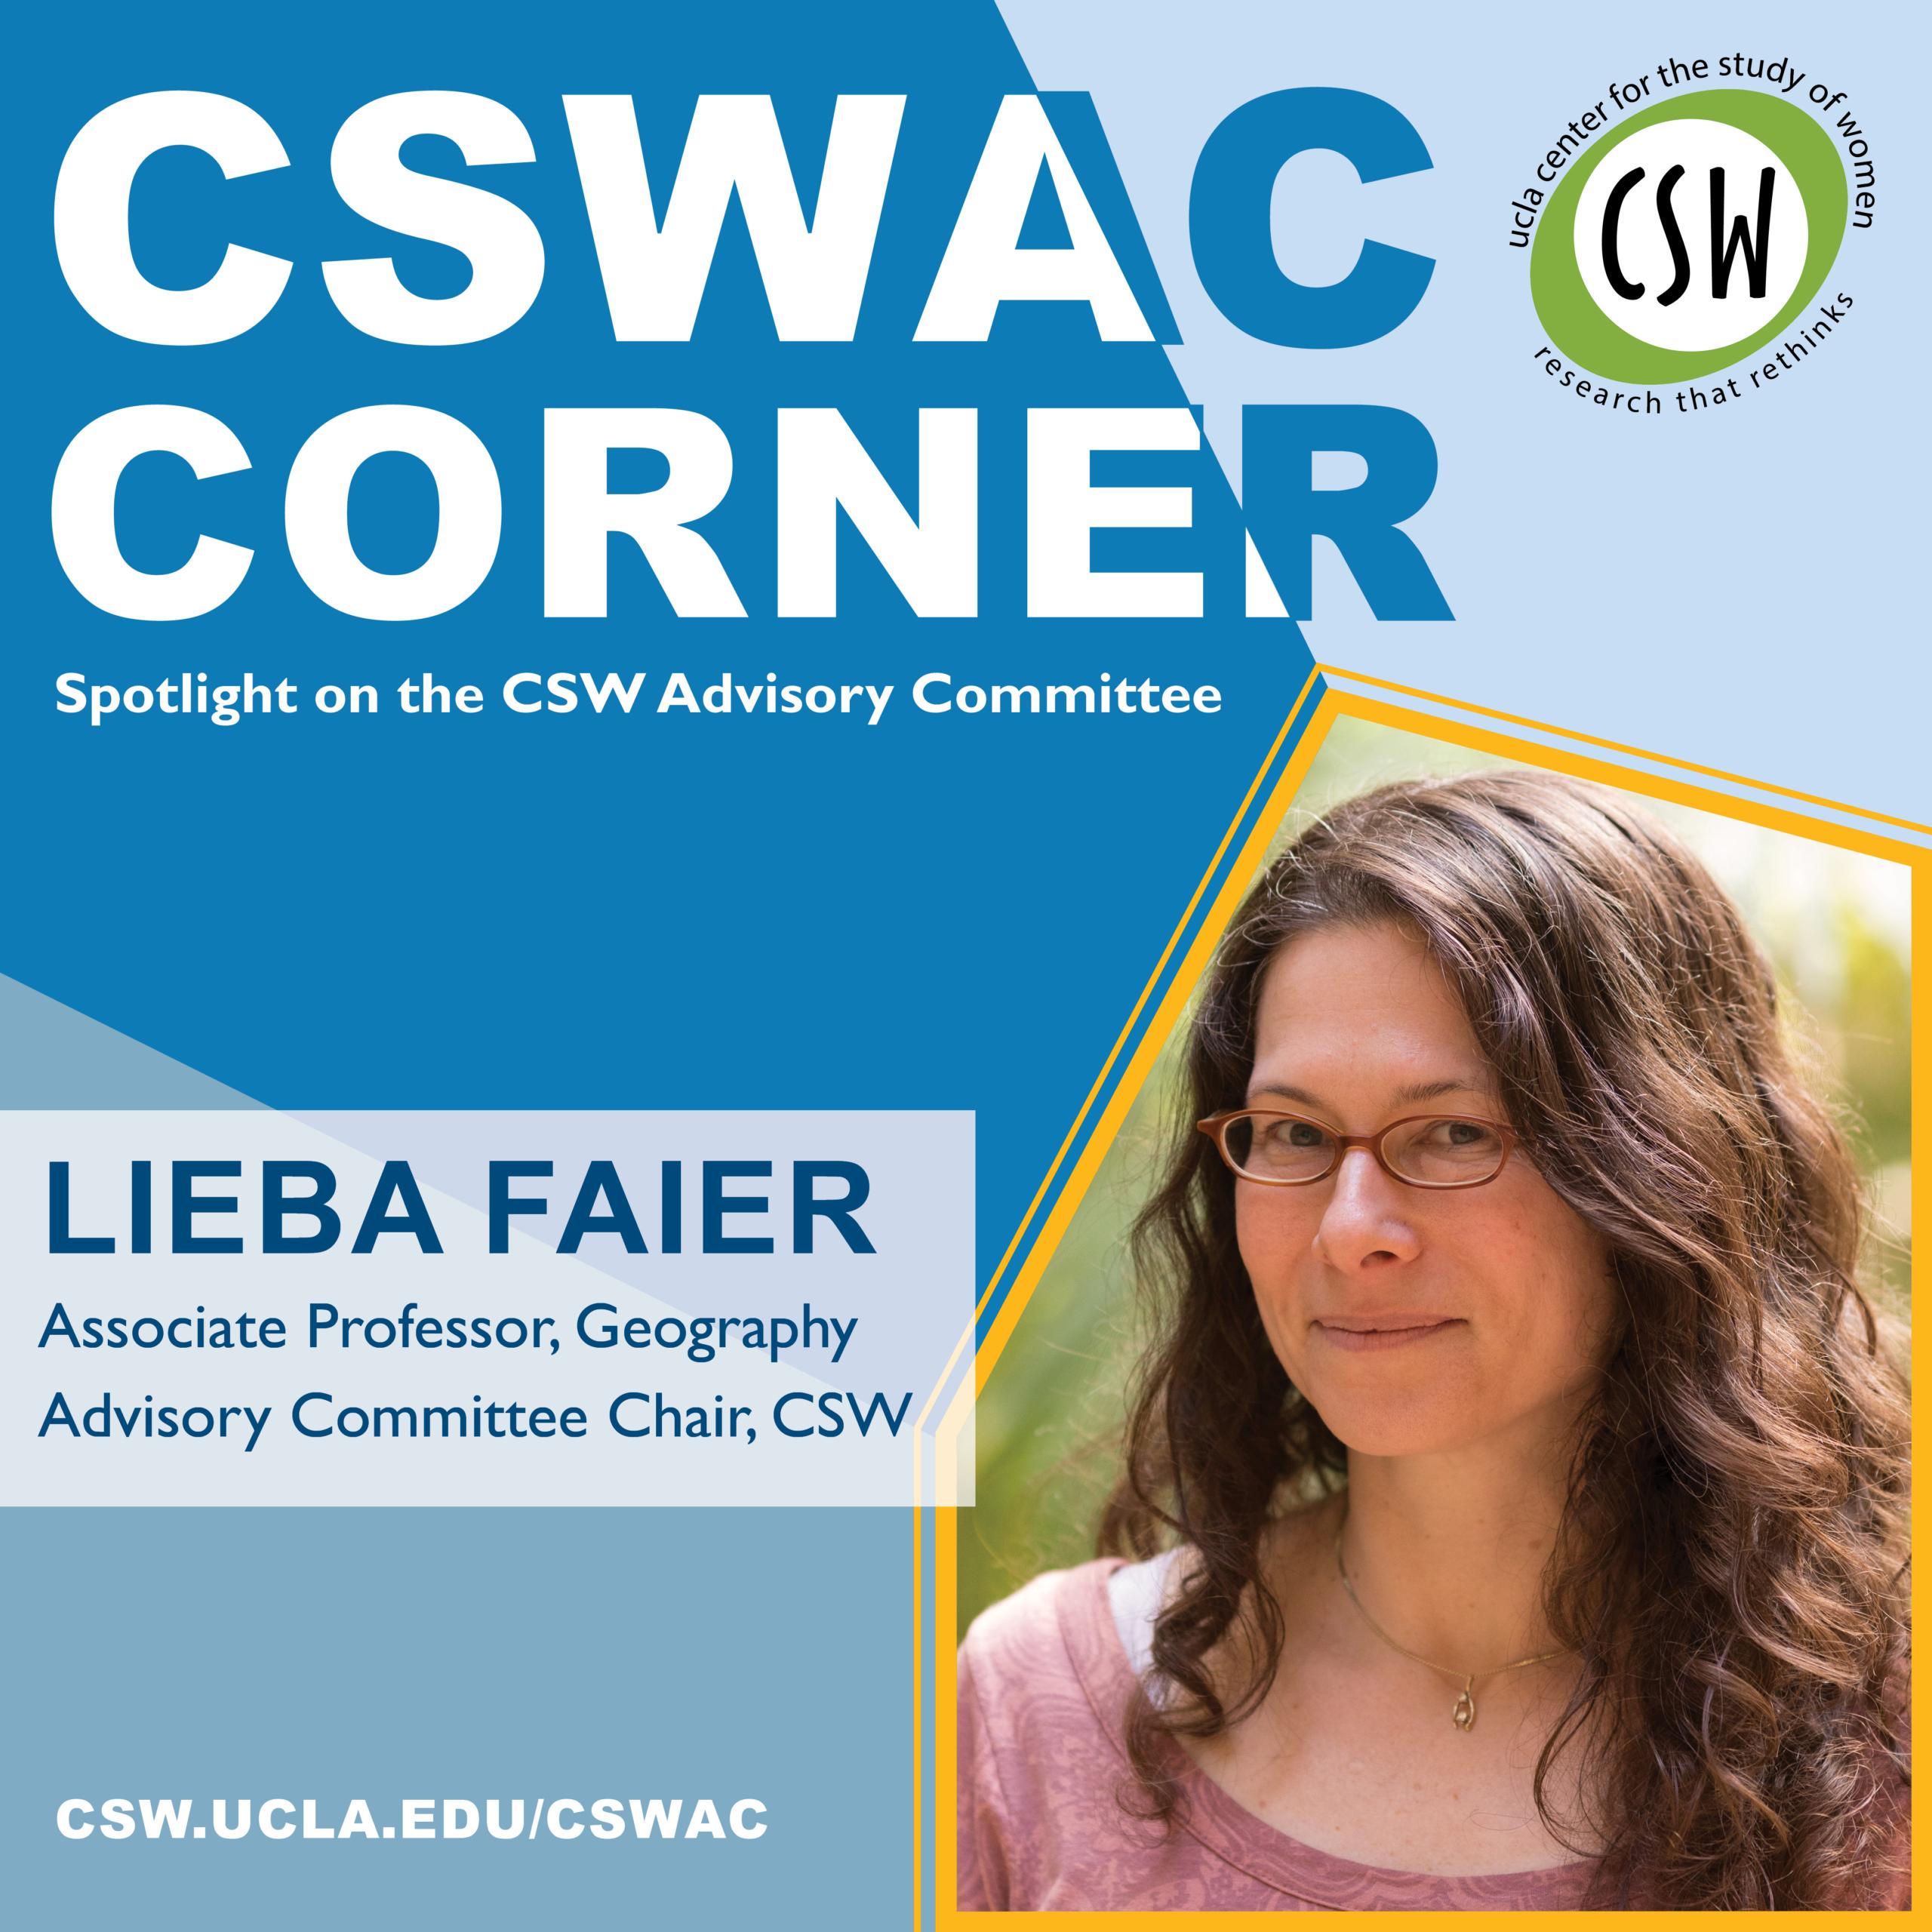 Lieba Faier